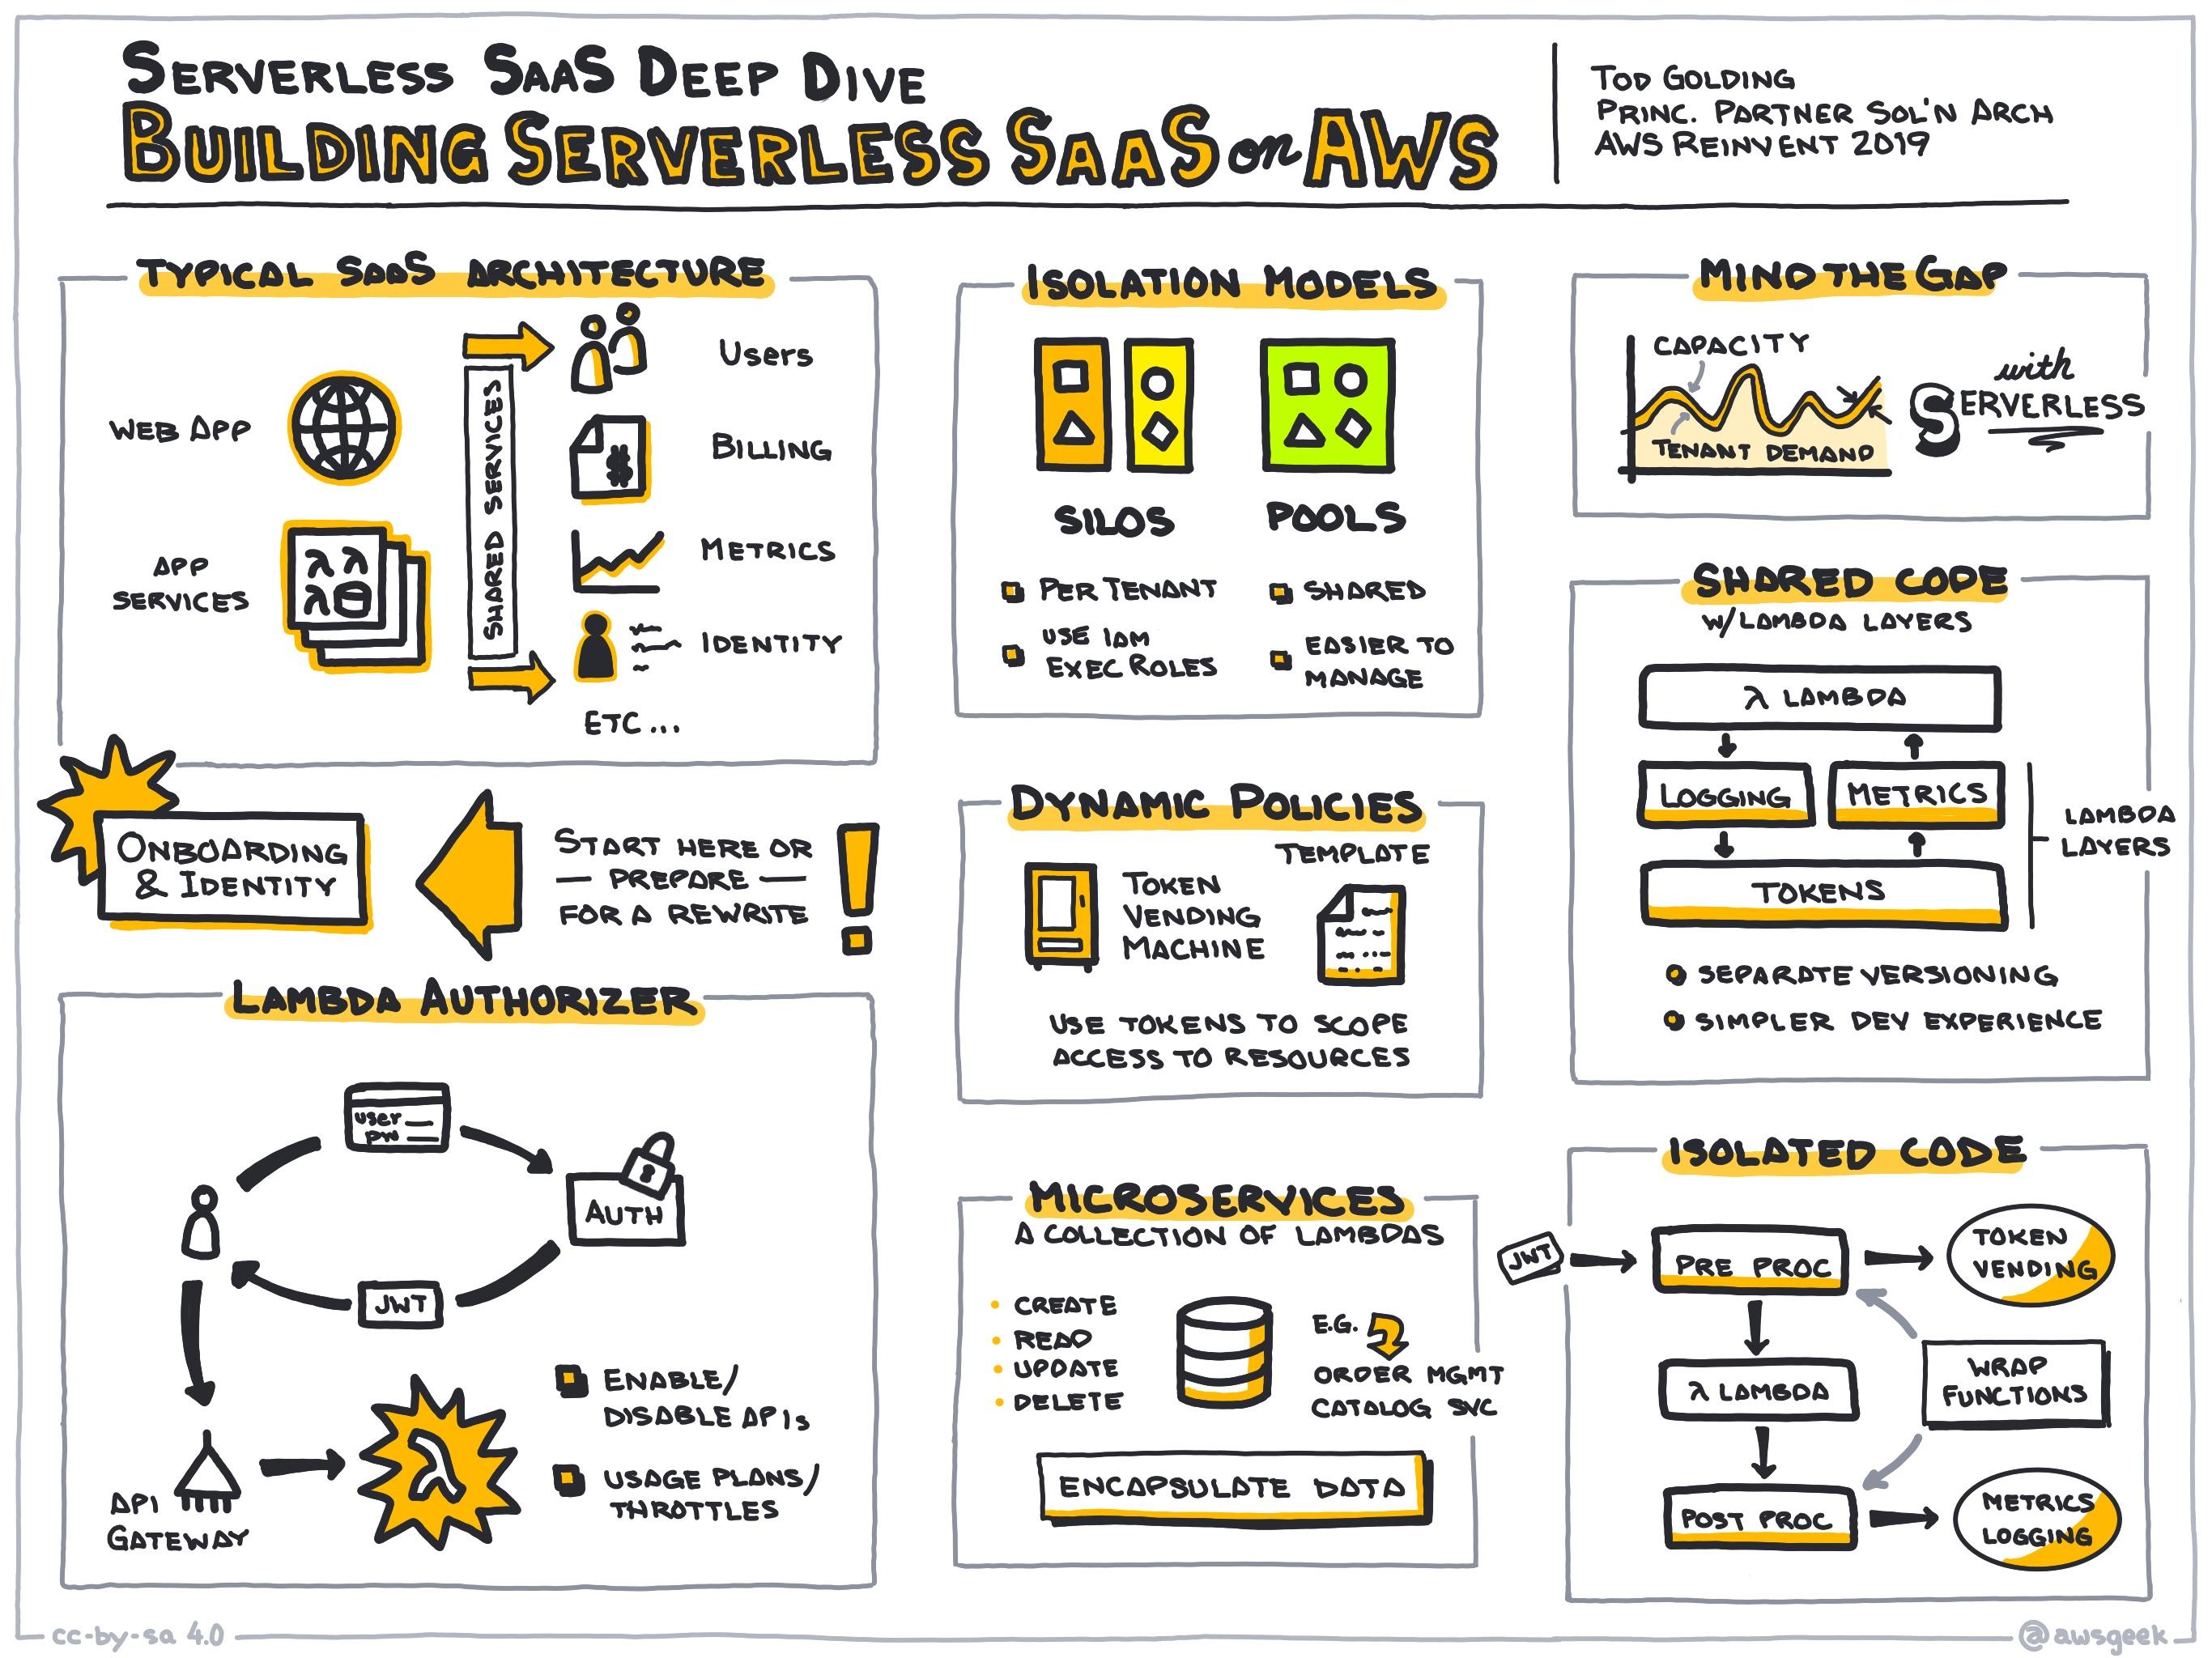 Serverless-SaaS-deep-dive-Building-serverless-SaaS-on-AWS.jpg